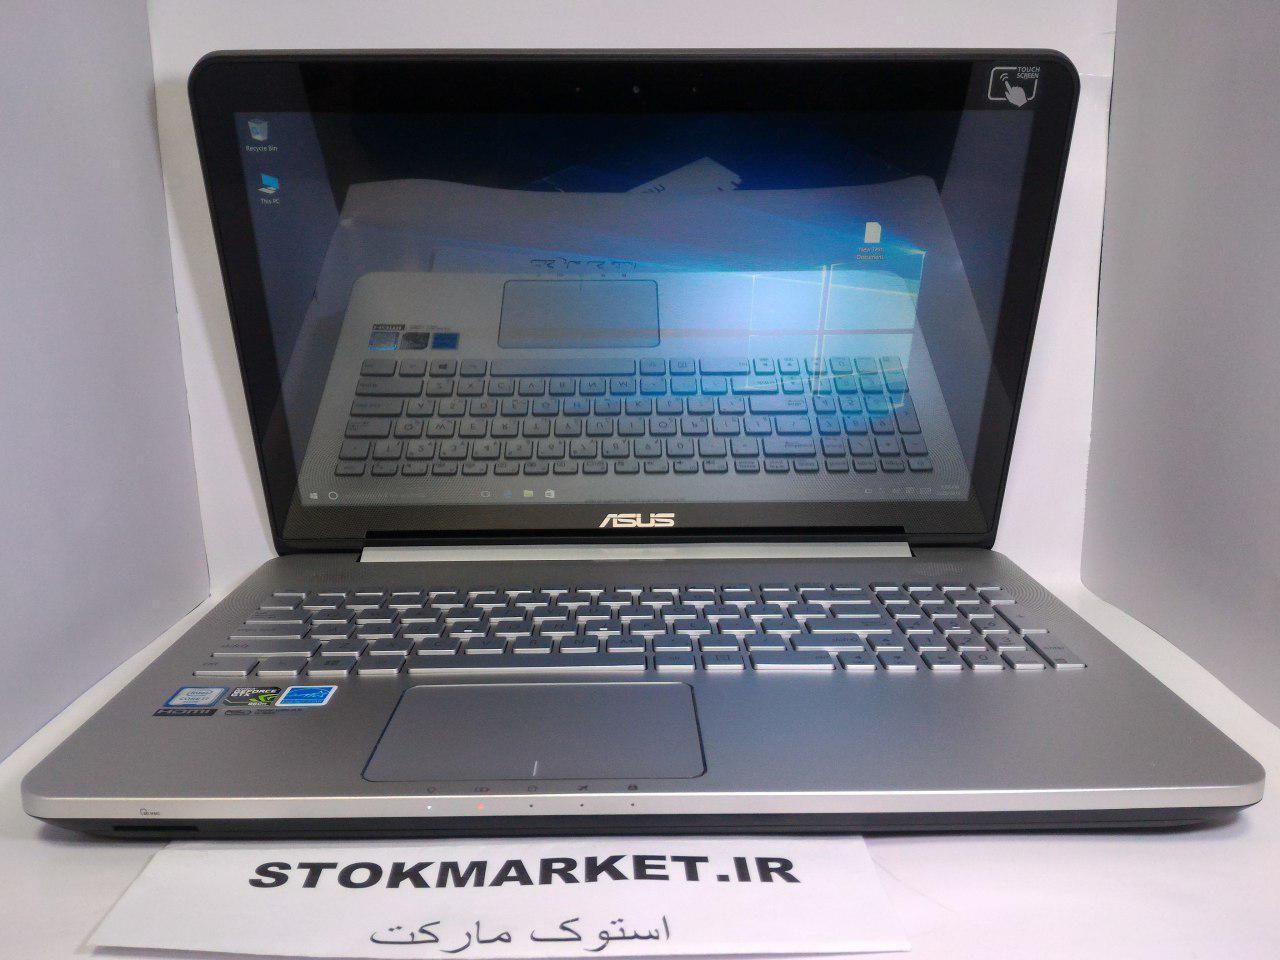 لپ تاپ دست دوم ایسوس مدل ASUS N552 VW 4K